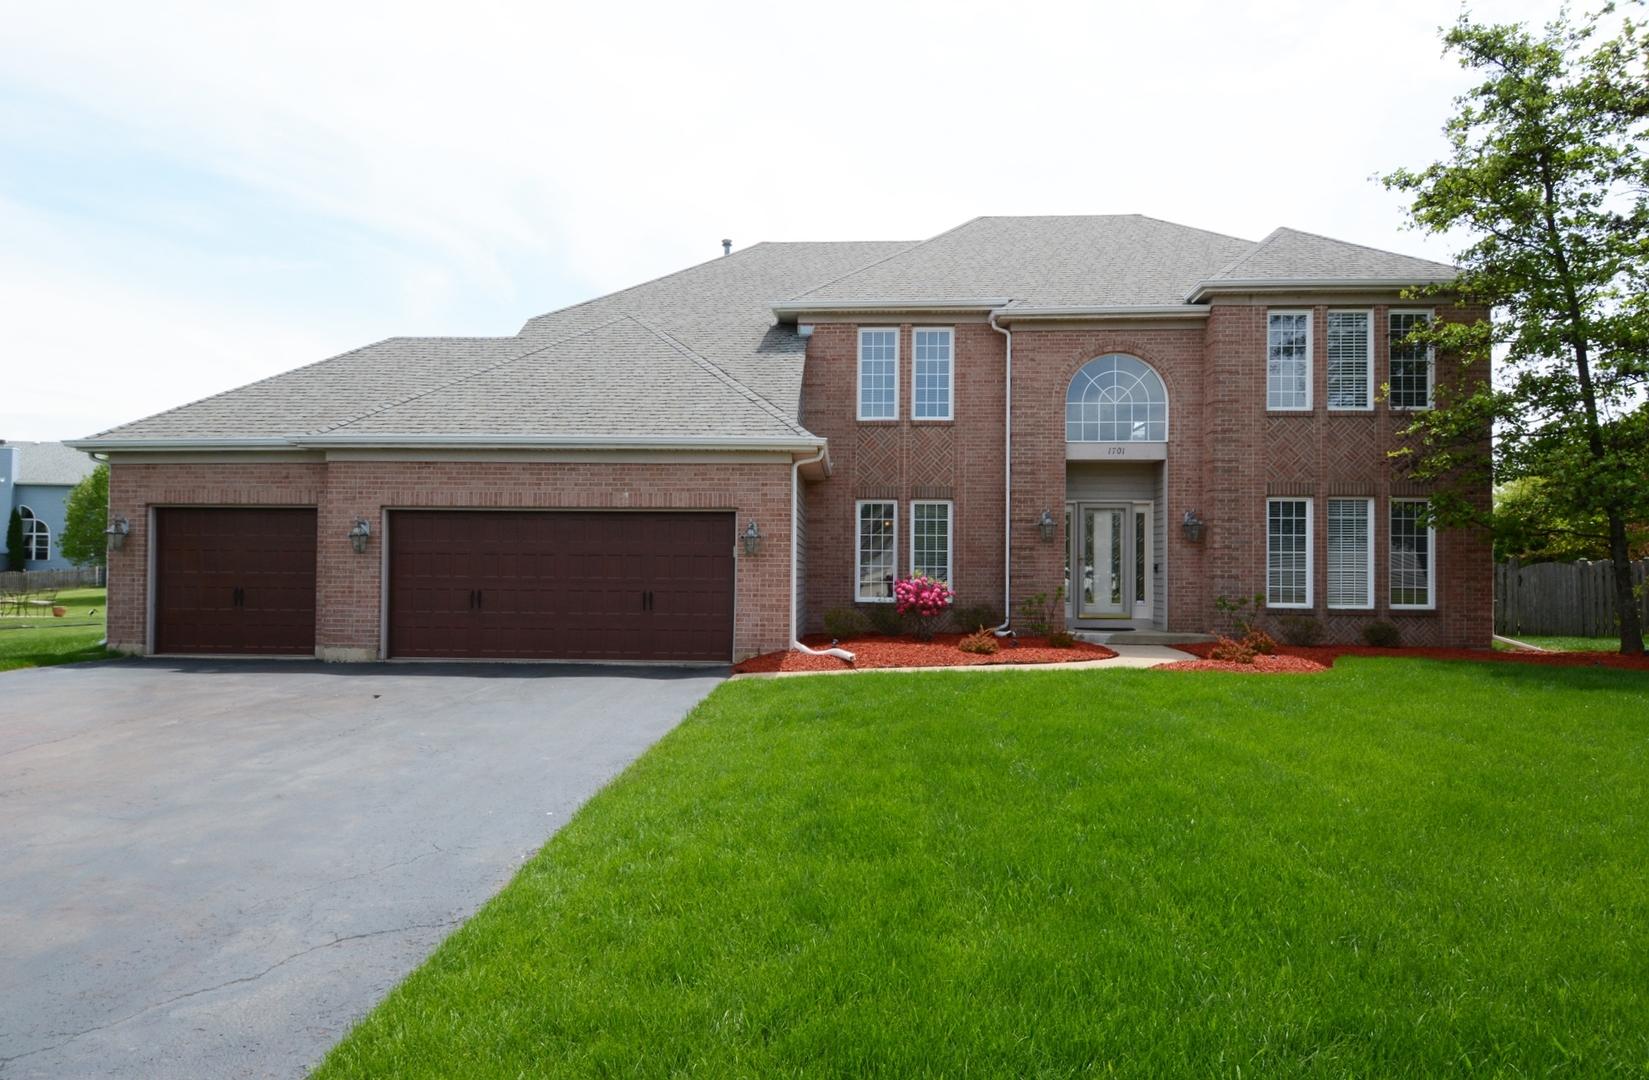 Property for sale at 1701 Cambria Lane, Algonquin,  IL 60102